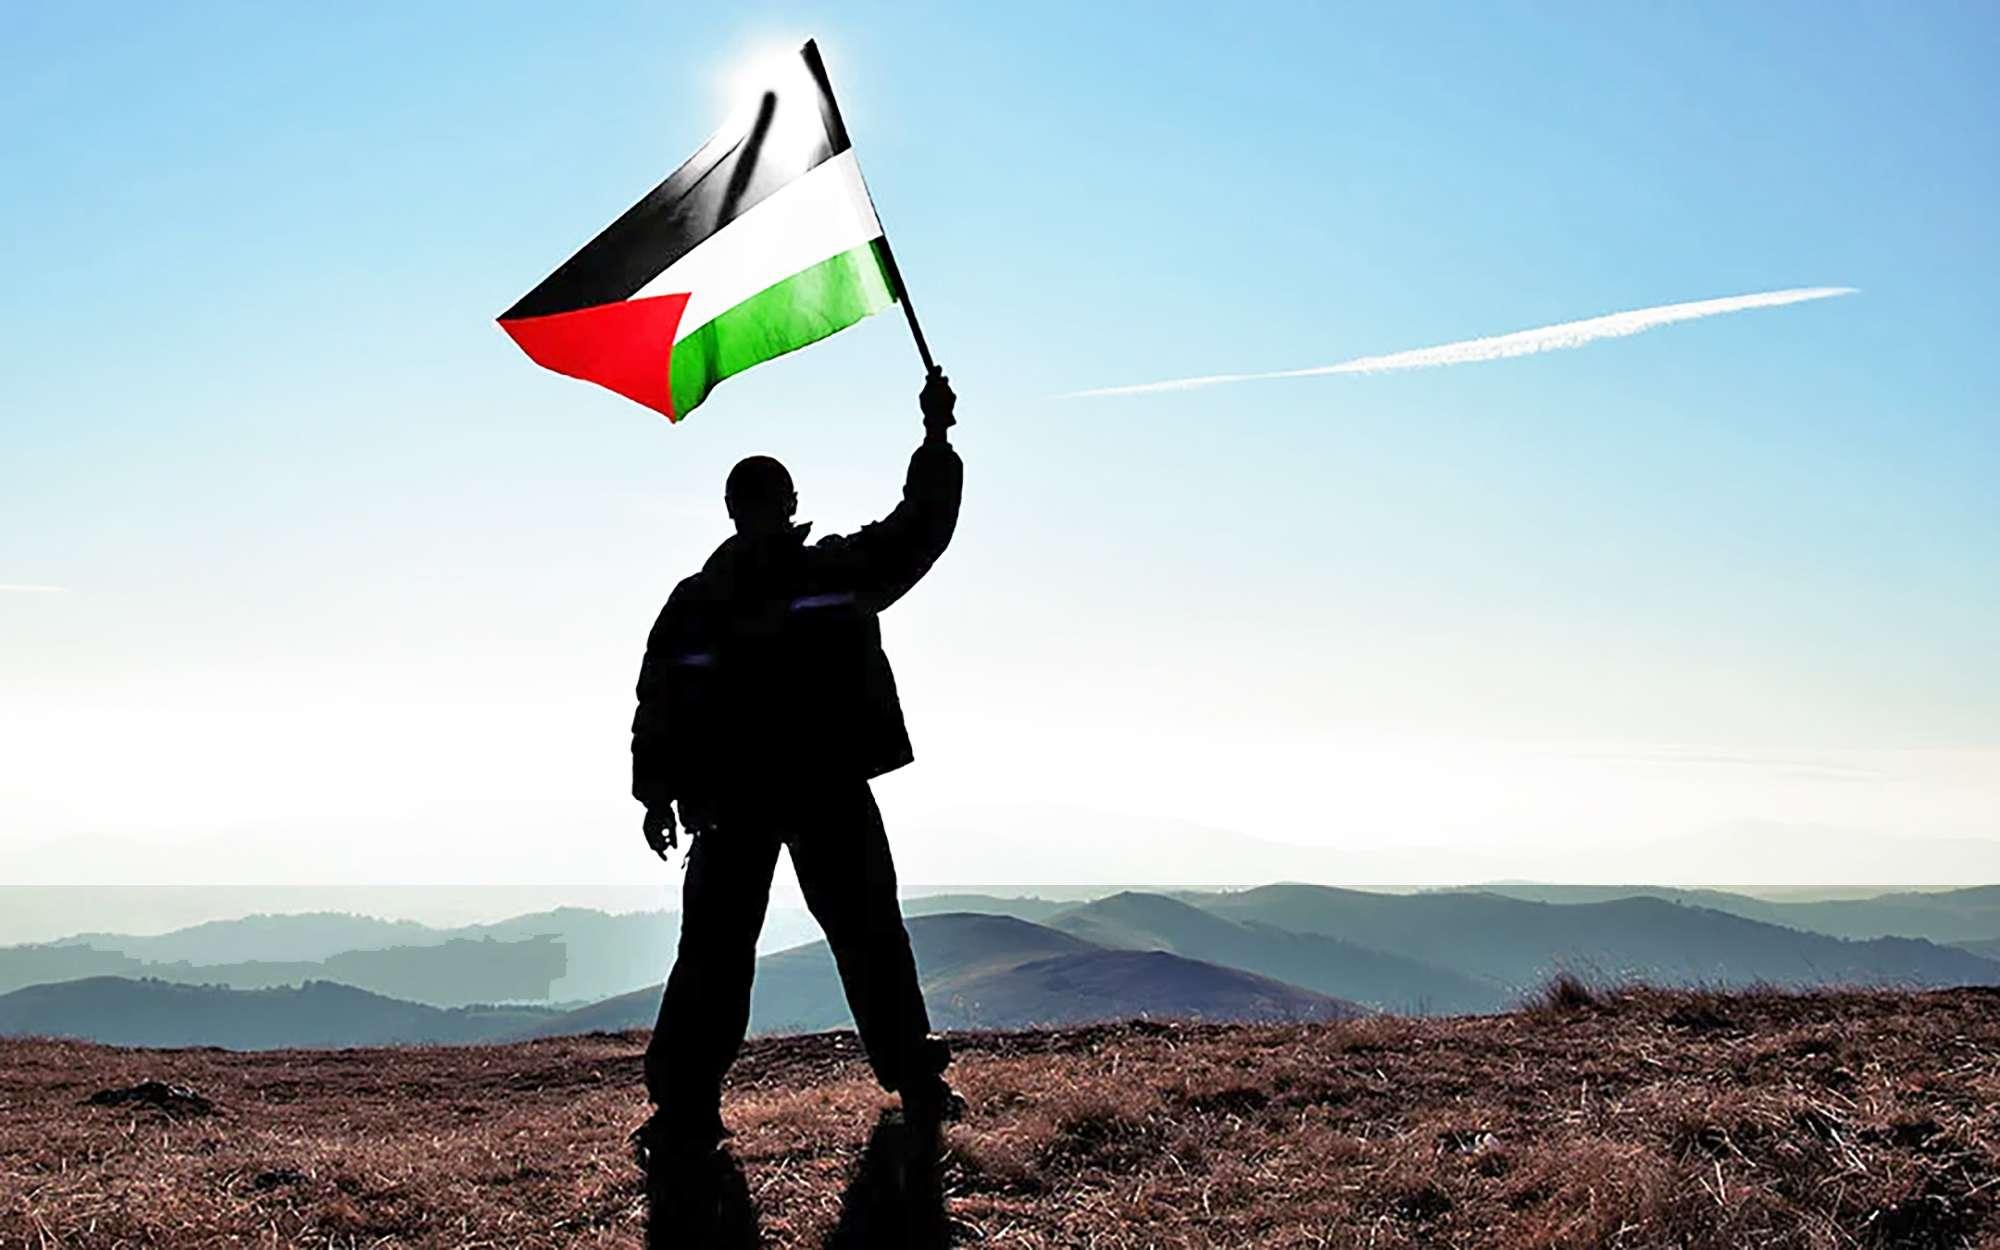 Ανεξάρτητο Παλαιστινιακό κράτος με το λαό νοικοκύρη